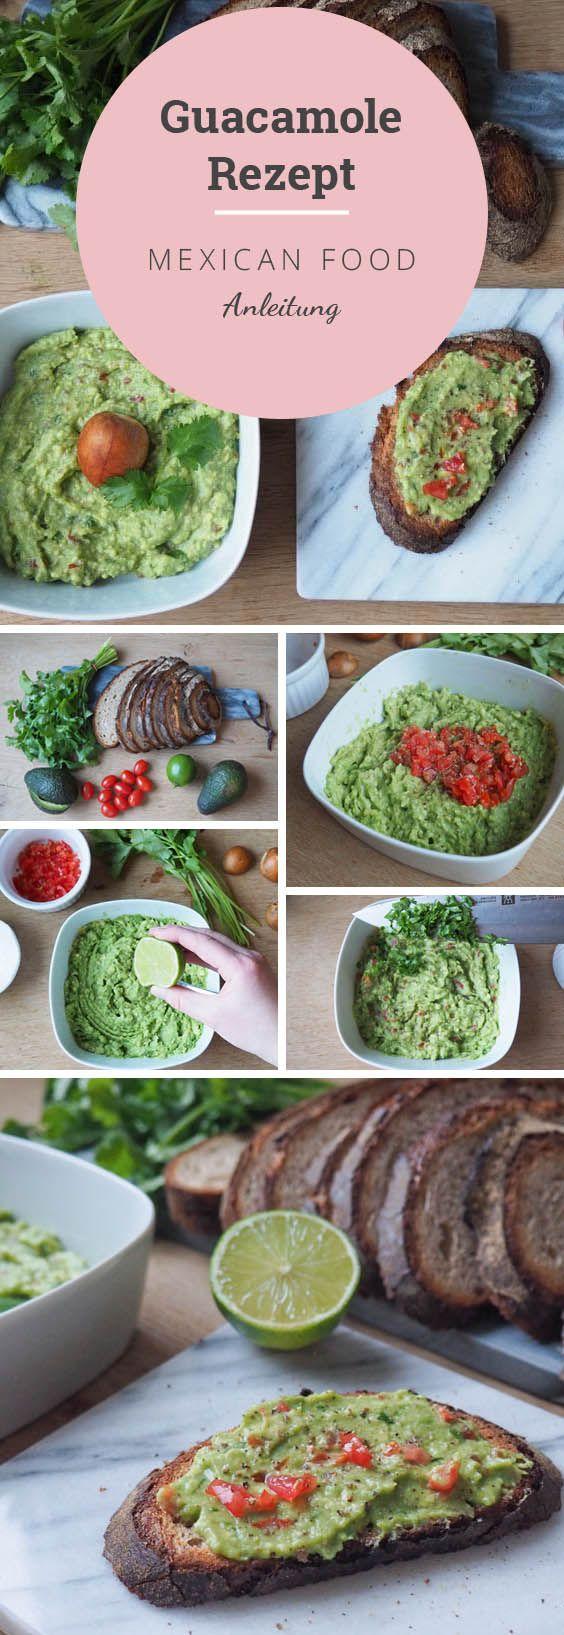 Guacamole Rezept – so machst du den perfekten Avocado Dip